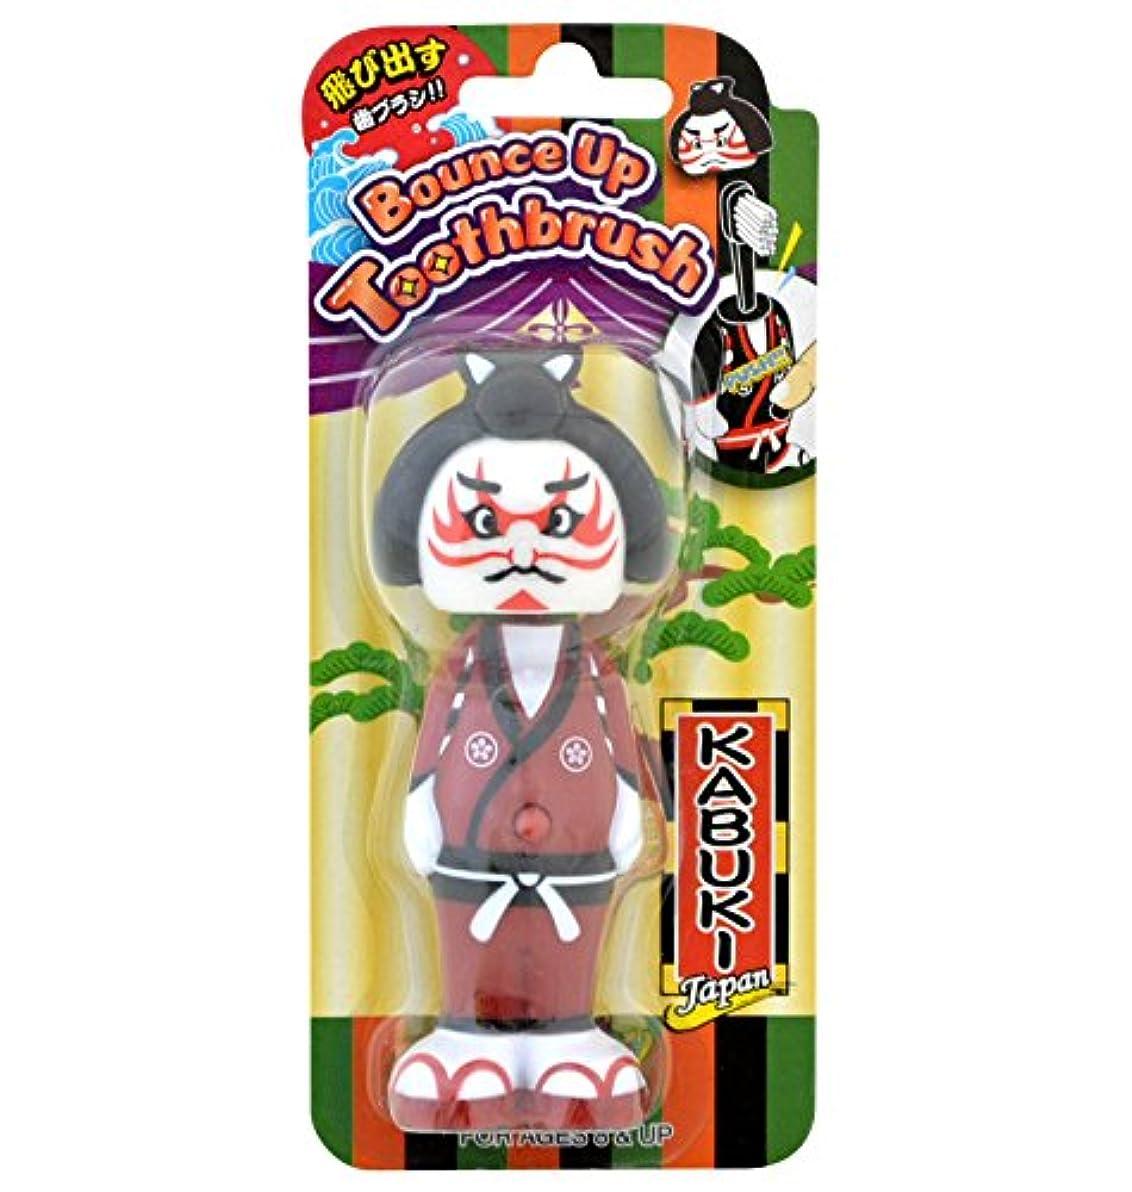 残り物虫を数える本物のバウンスアップ歯ブラシ 歌舞伎 レッド